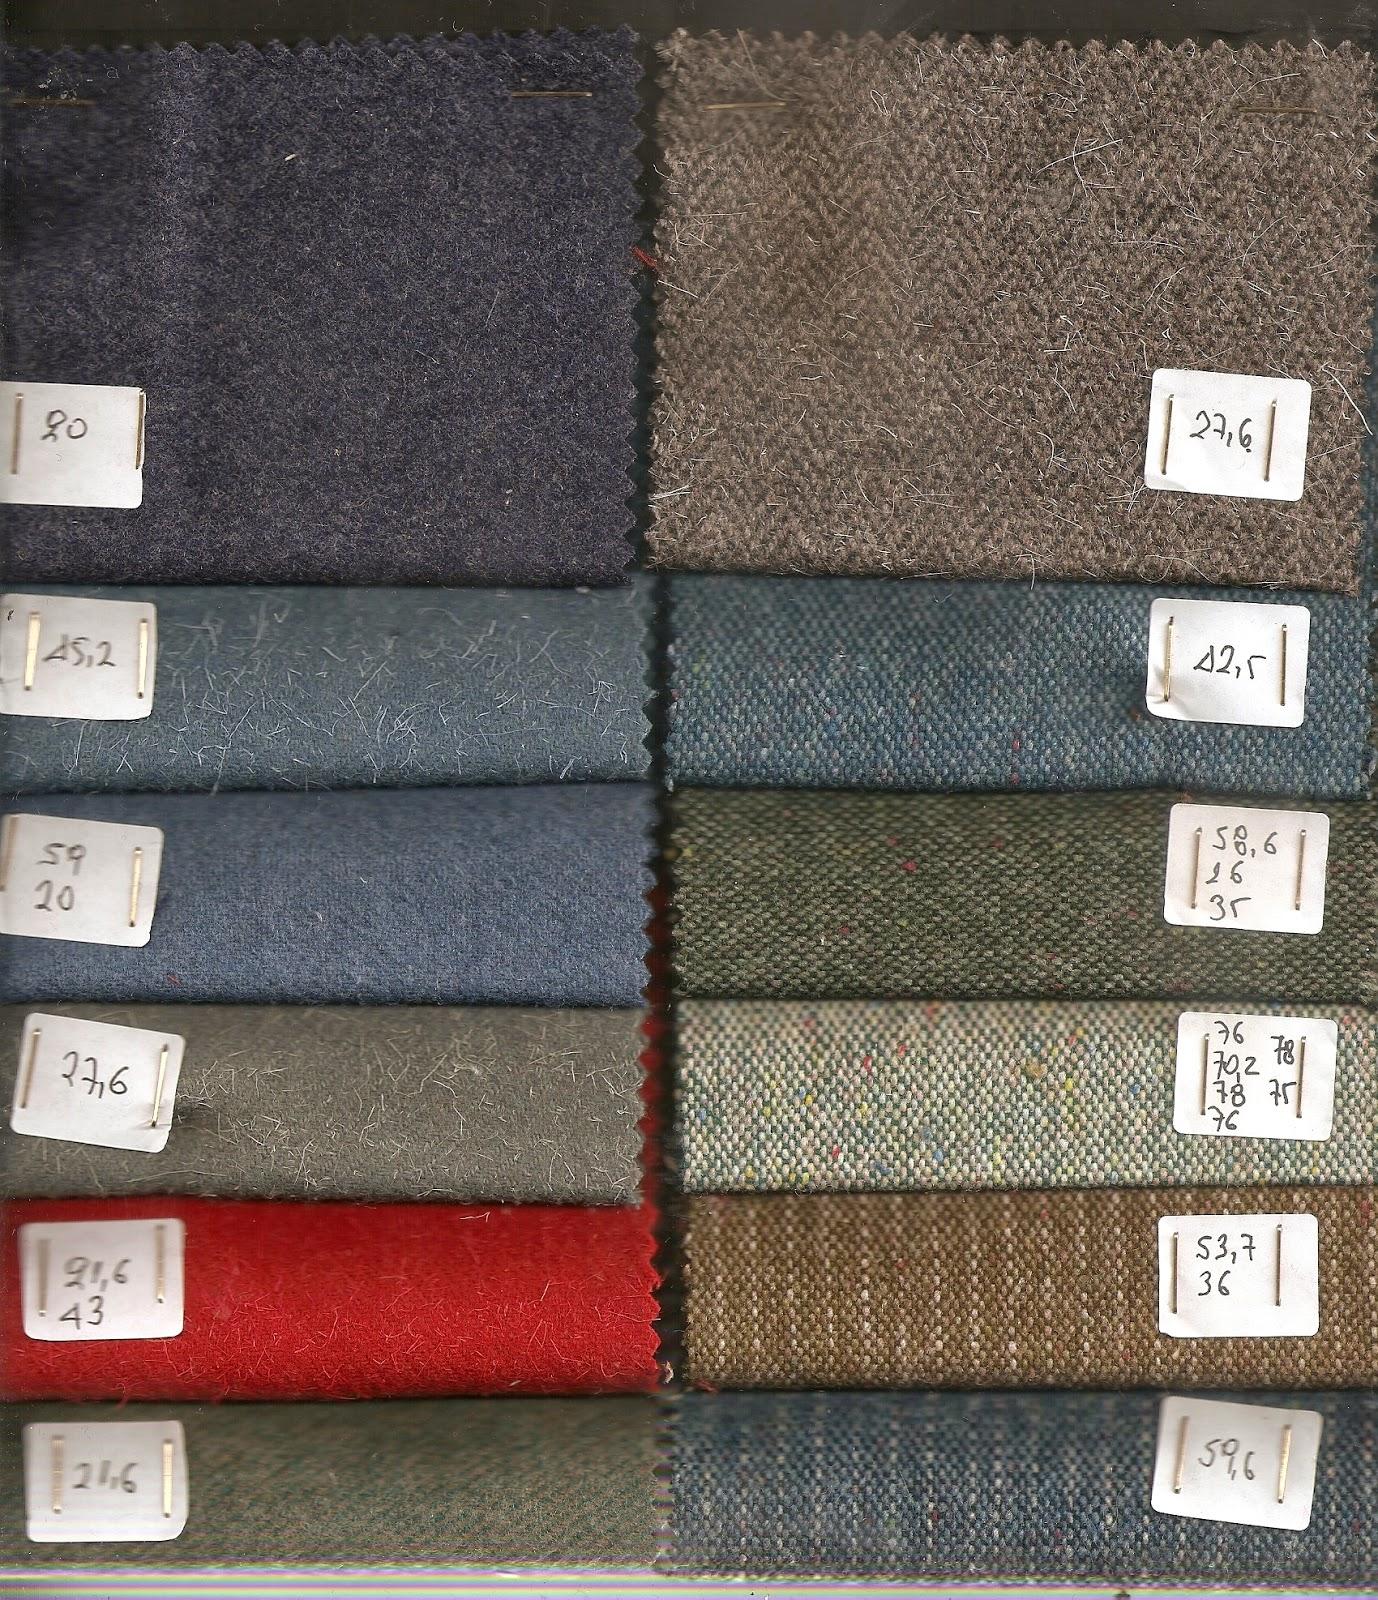 ... ποικιλία σε μάλλινα καπαρντίνες καρό . για φούστα ταγιέρ παντελόνι  κουστούμι κάπες παλτό φόρεμα προλάβετε λίγα μέτρα πάντα δεχόμαστε σύγκριση  ελάτε!!! 58fe6aeec58